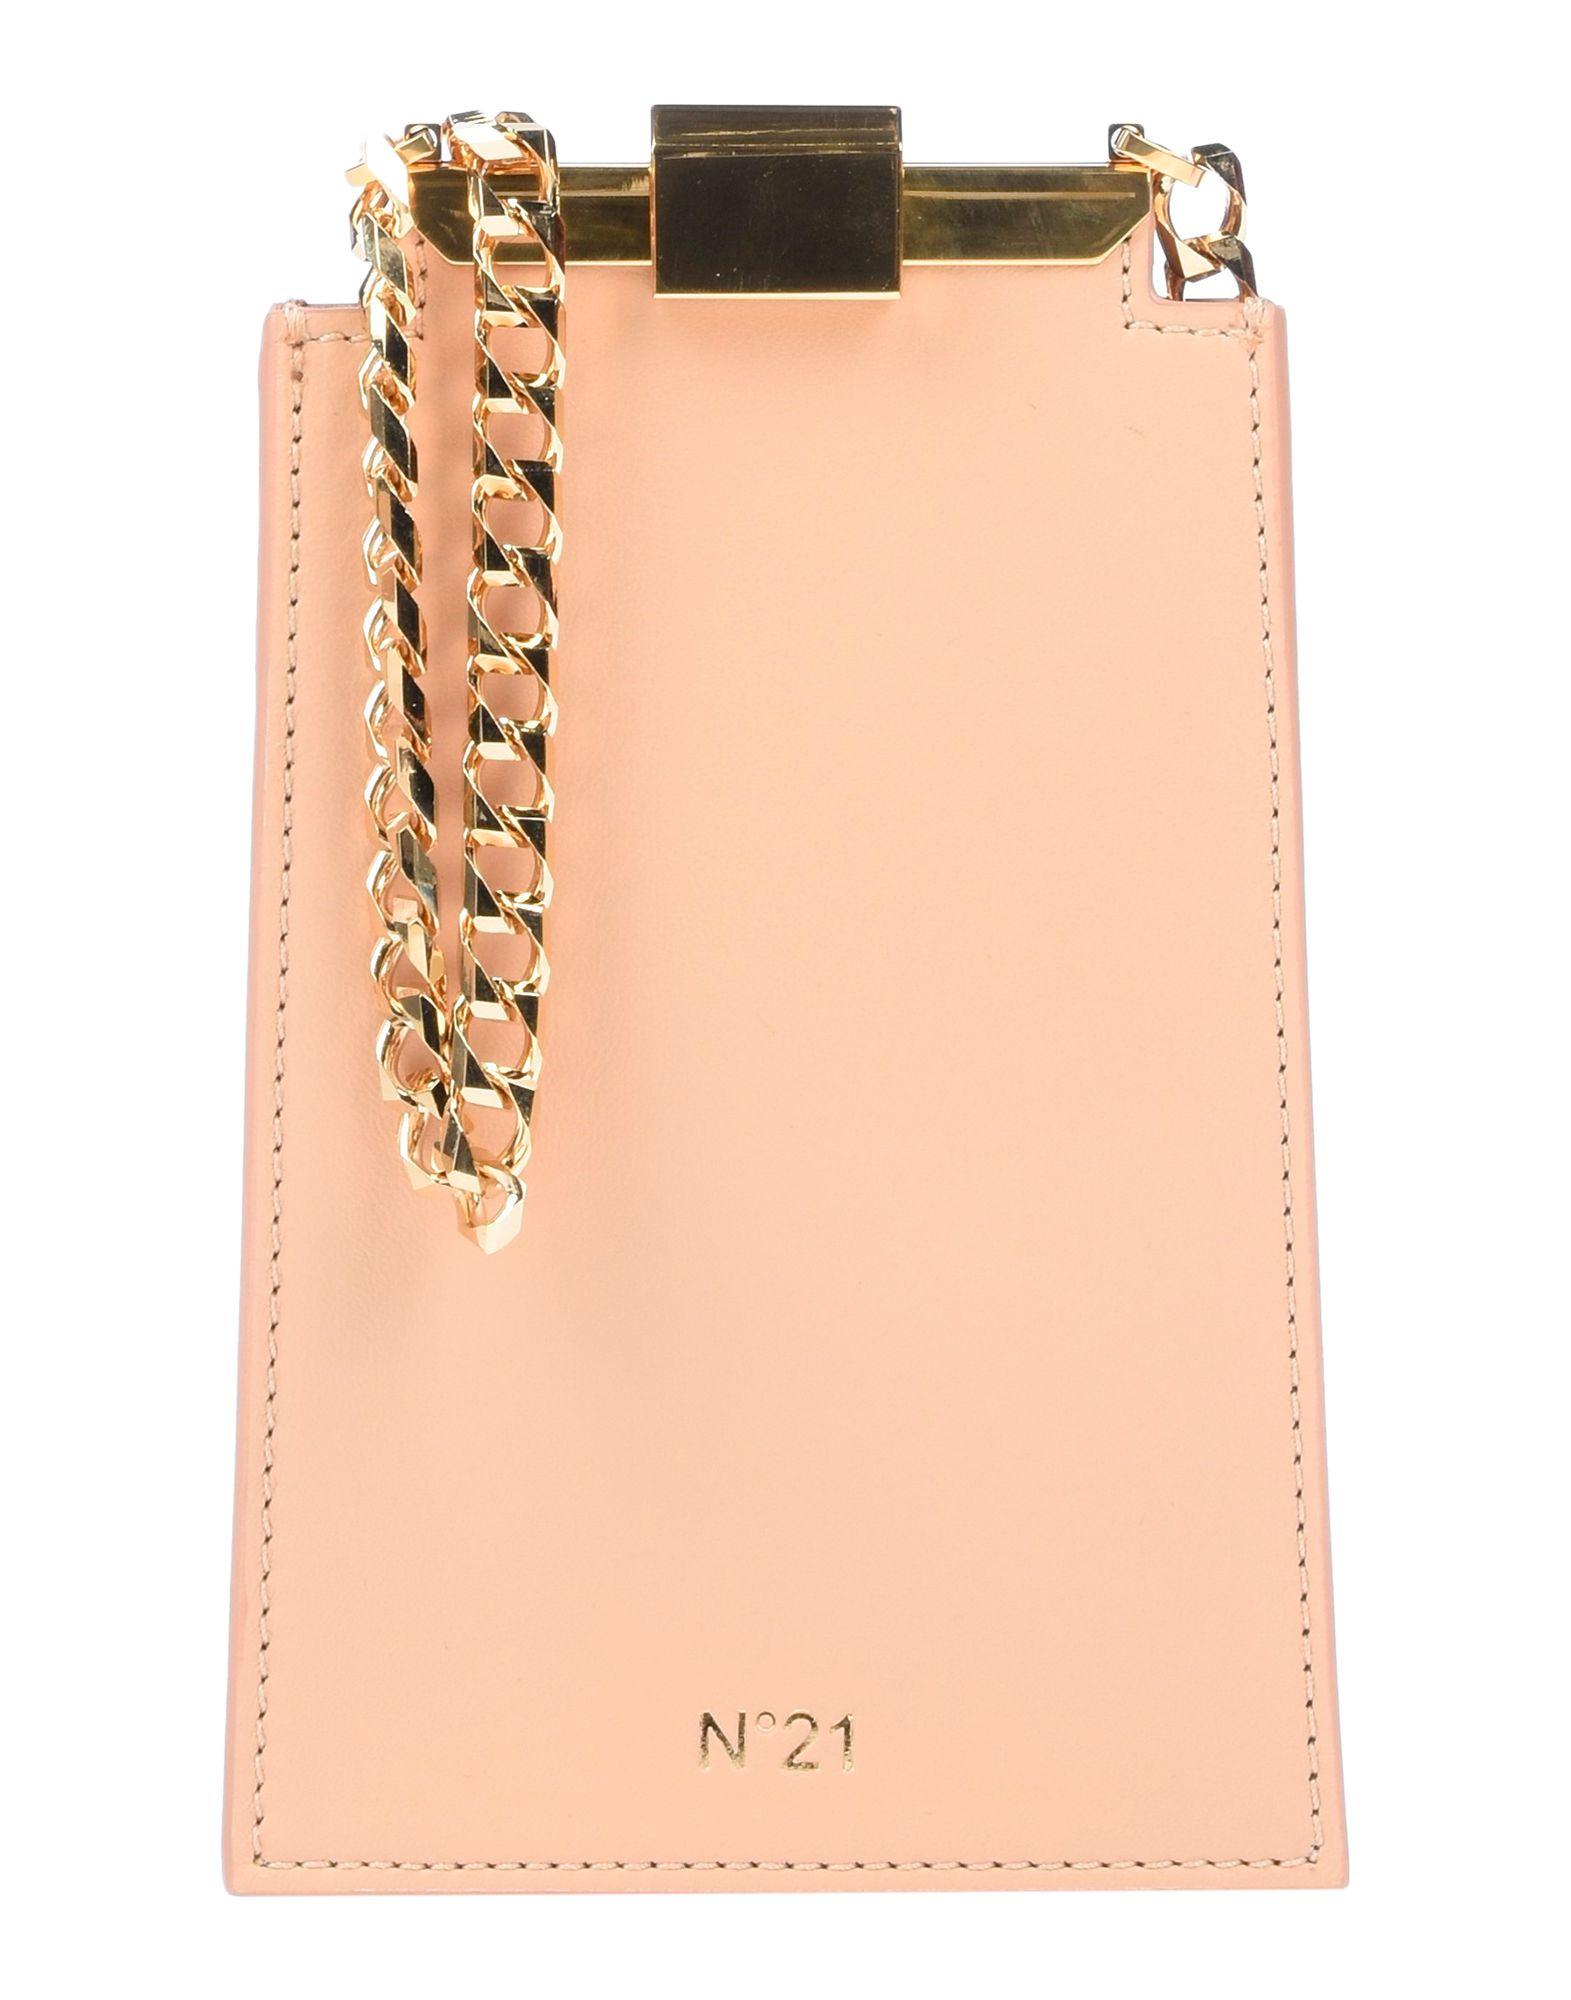 《送料無料》N°21 レディース メッセンジャーバッグ ローズピンク 革